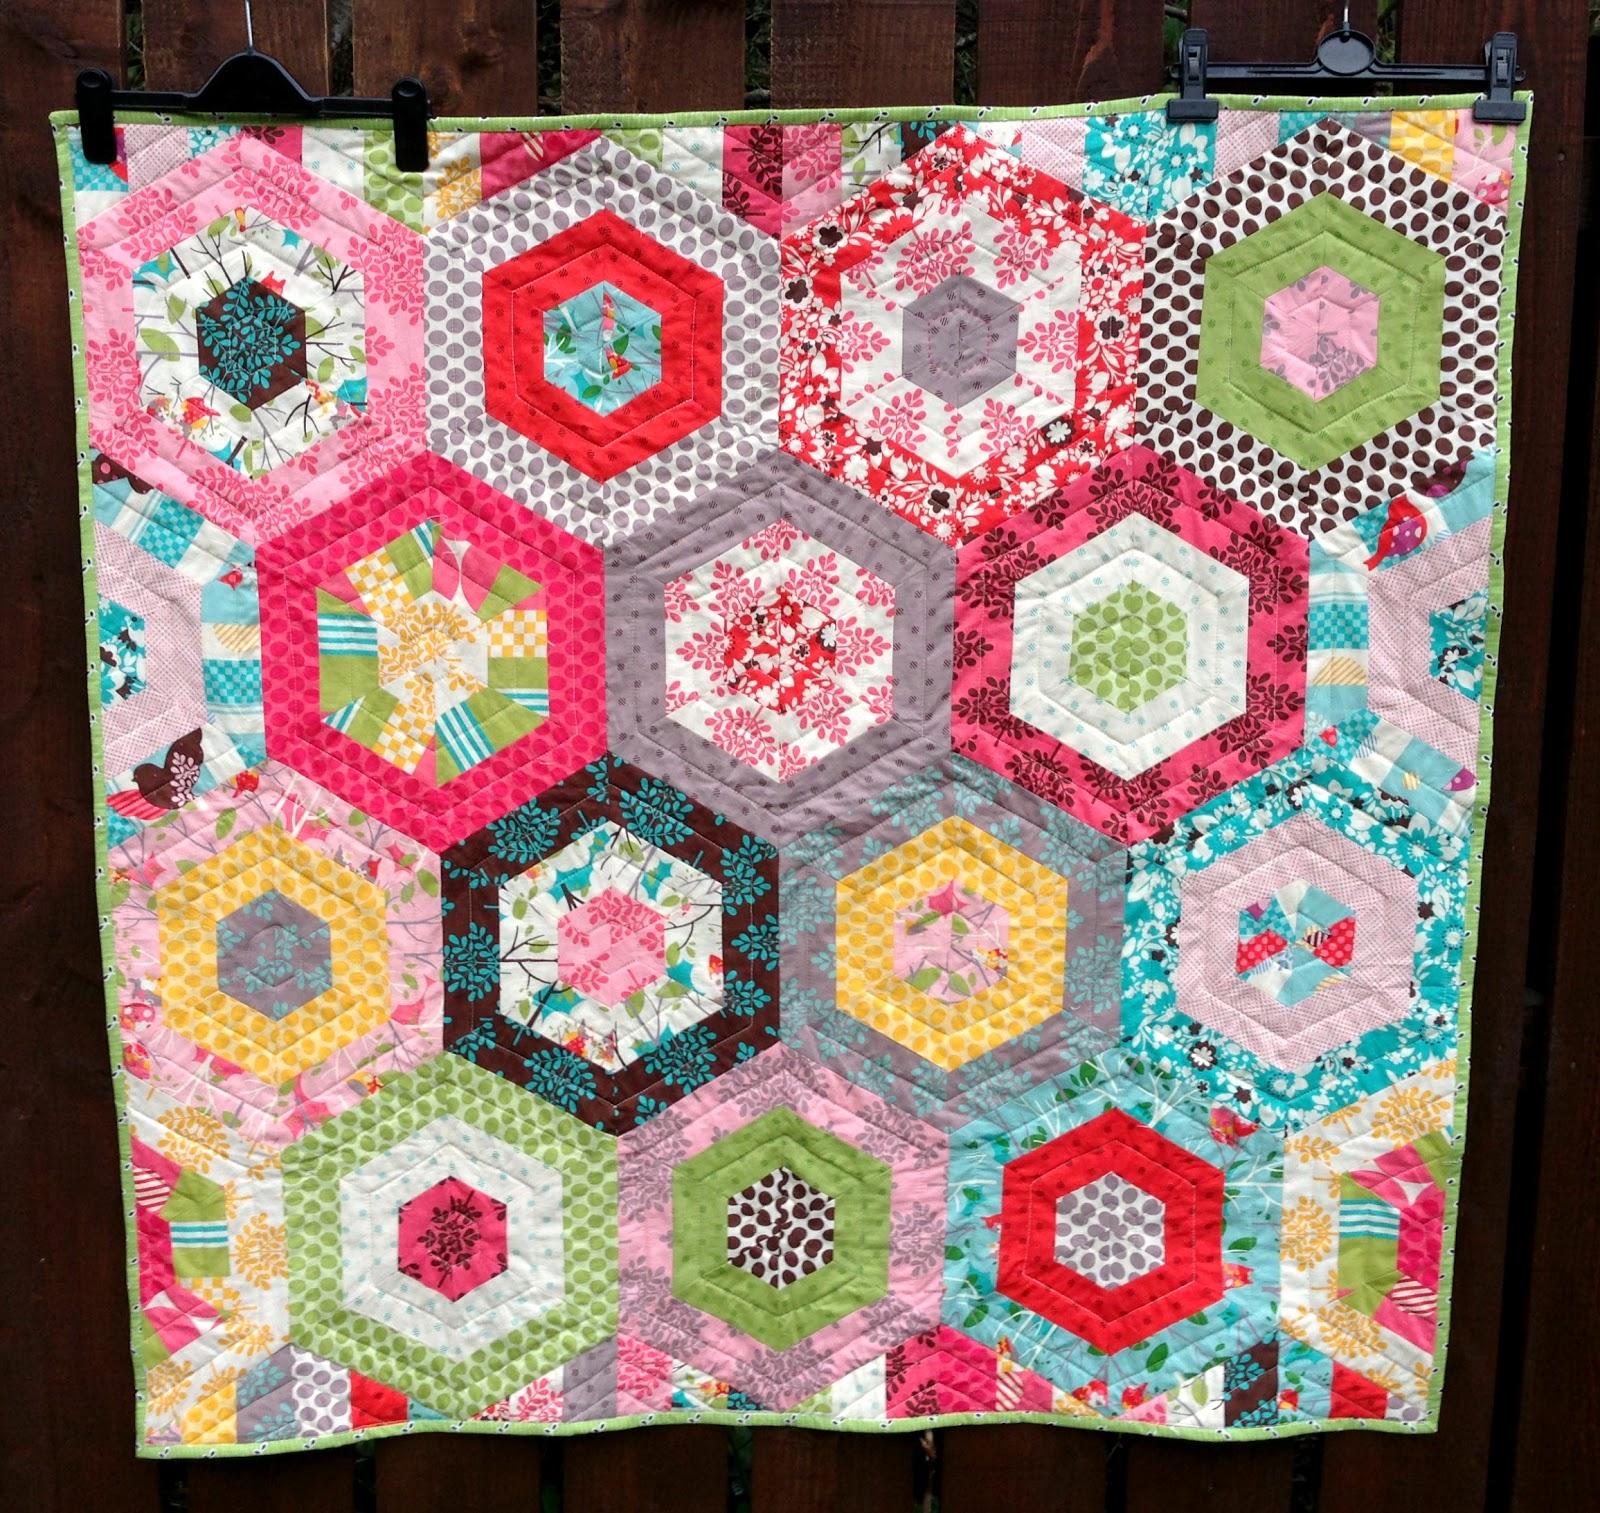 Poppy Makes...: Modern Hexagon Baby Quilt : merry go round quilt pattern - Adamdwight.com